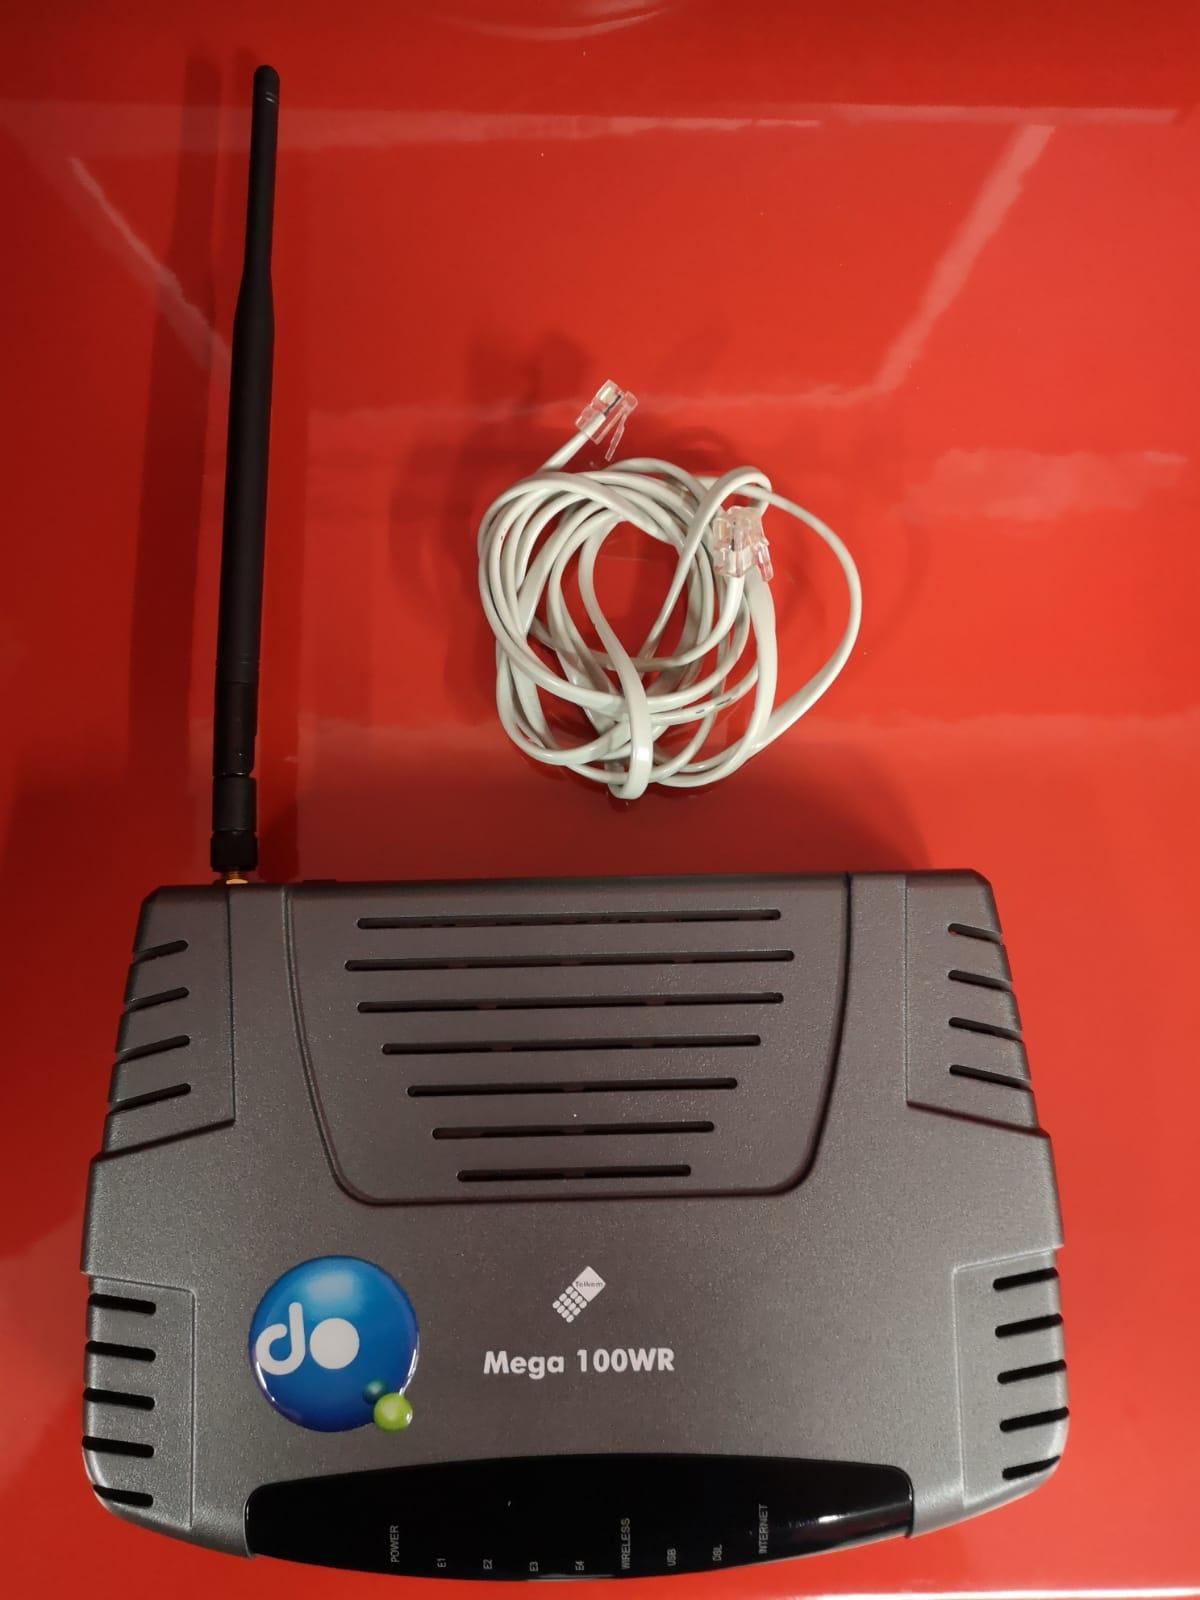 Telkom Mega 100W Router